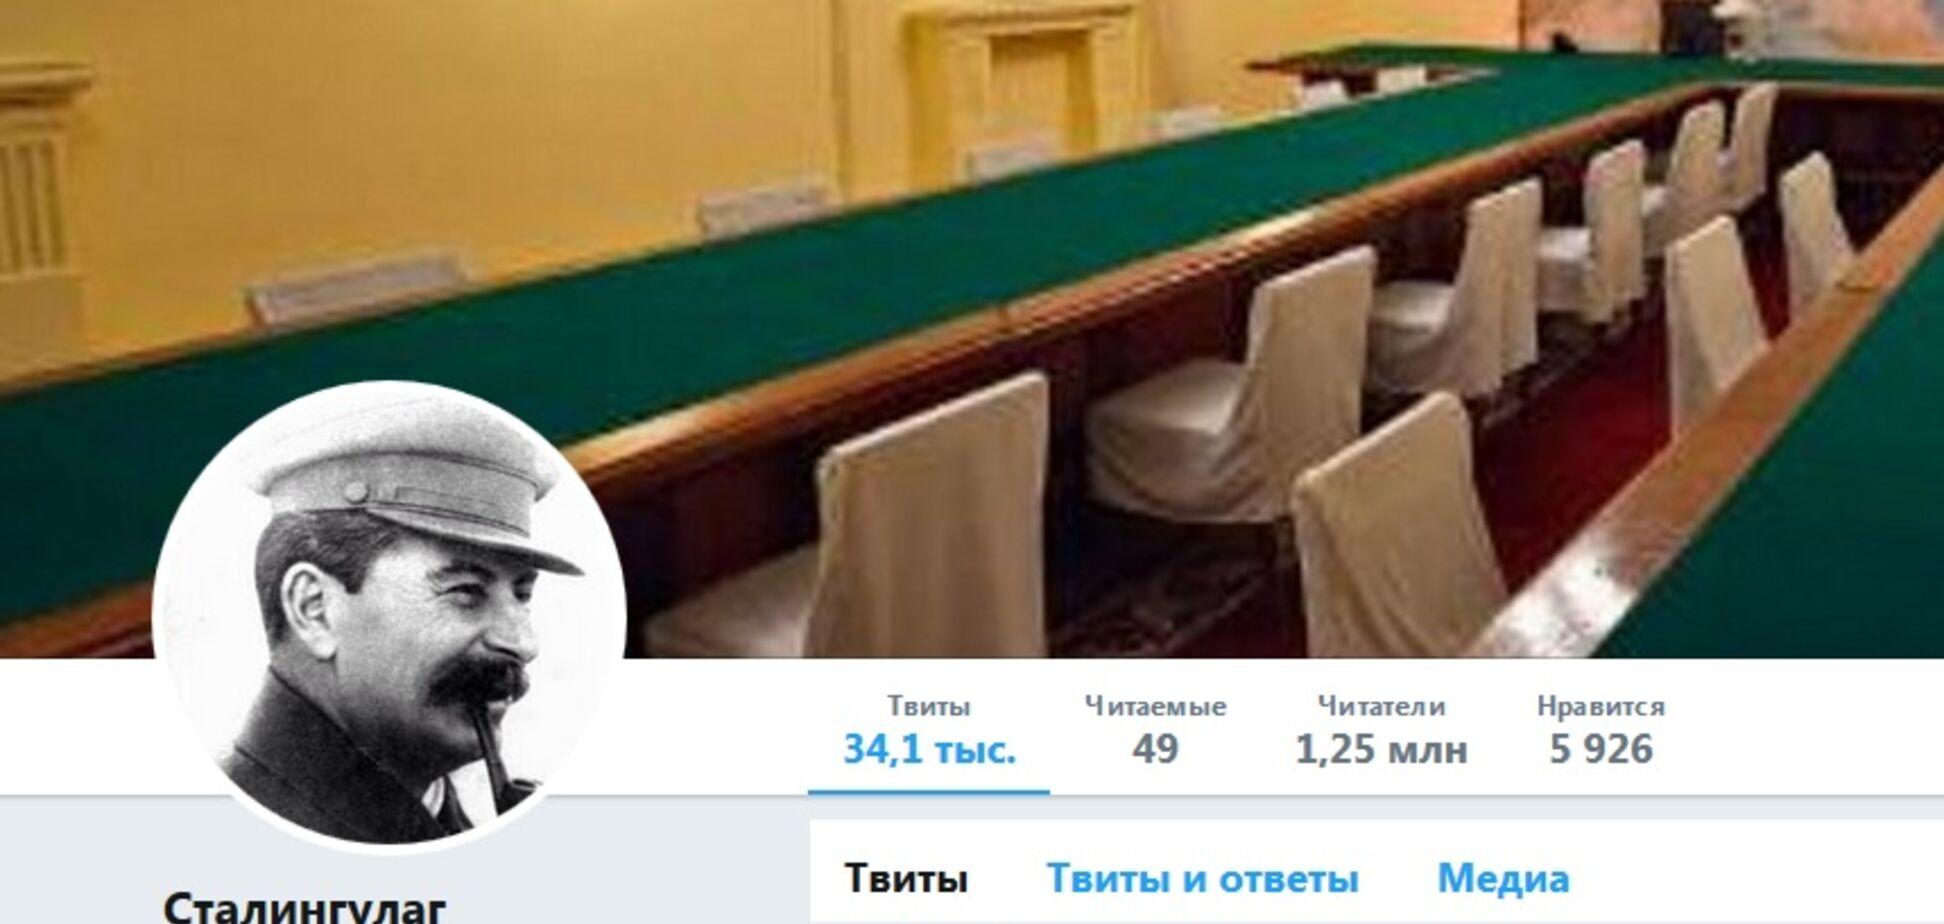 Слава Рабинович сказал, что грозит рассекреченному Сталингулаг